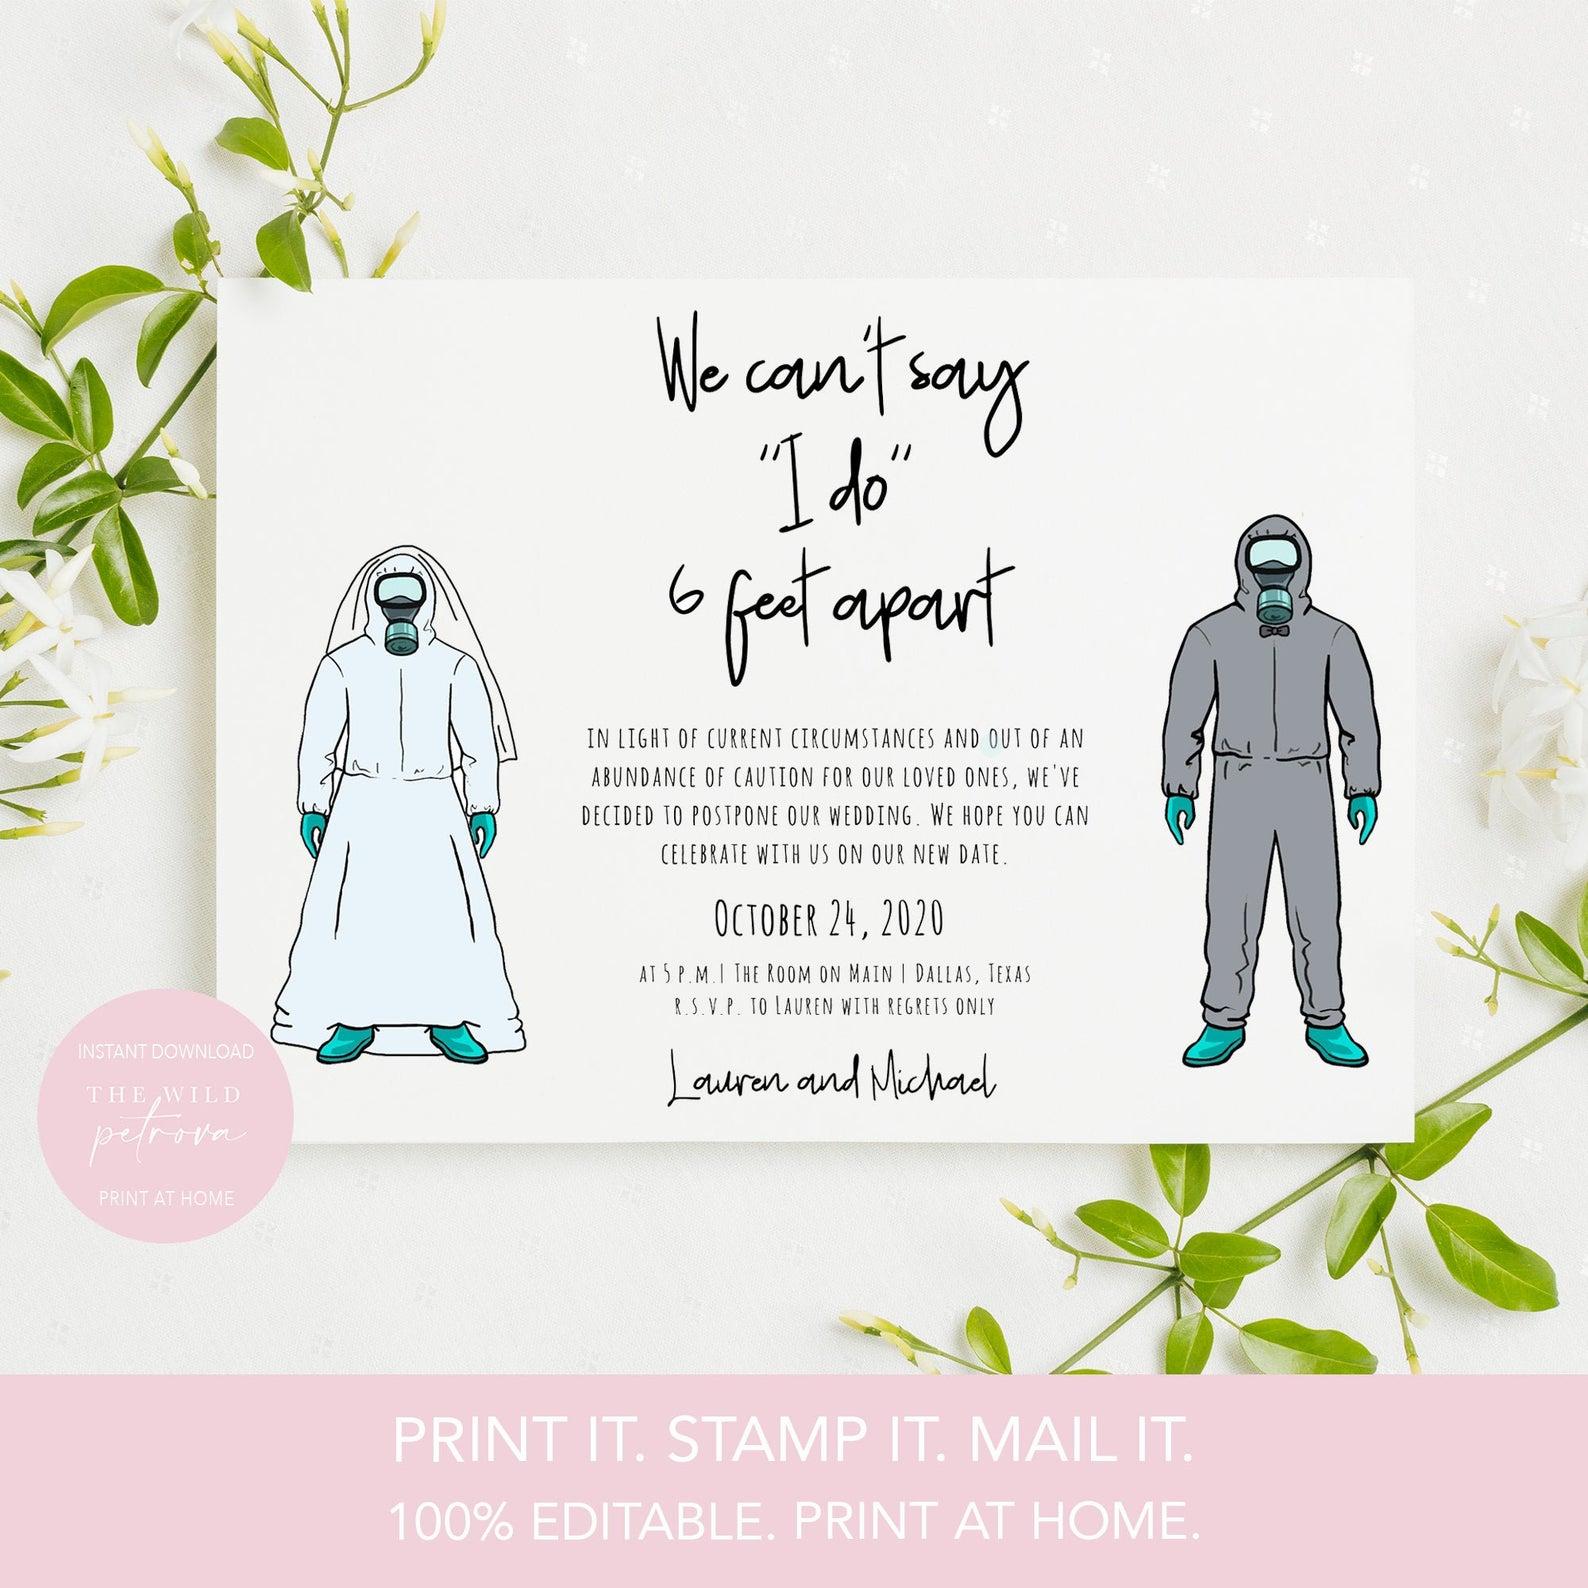 funny wedding postponement cards in 2020 Wedding humor